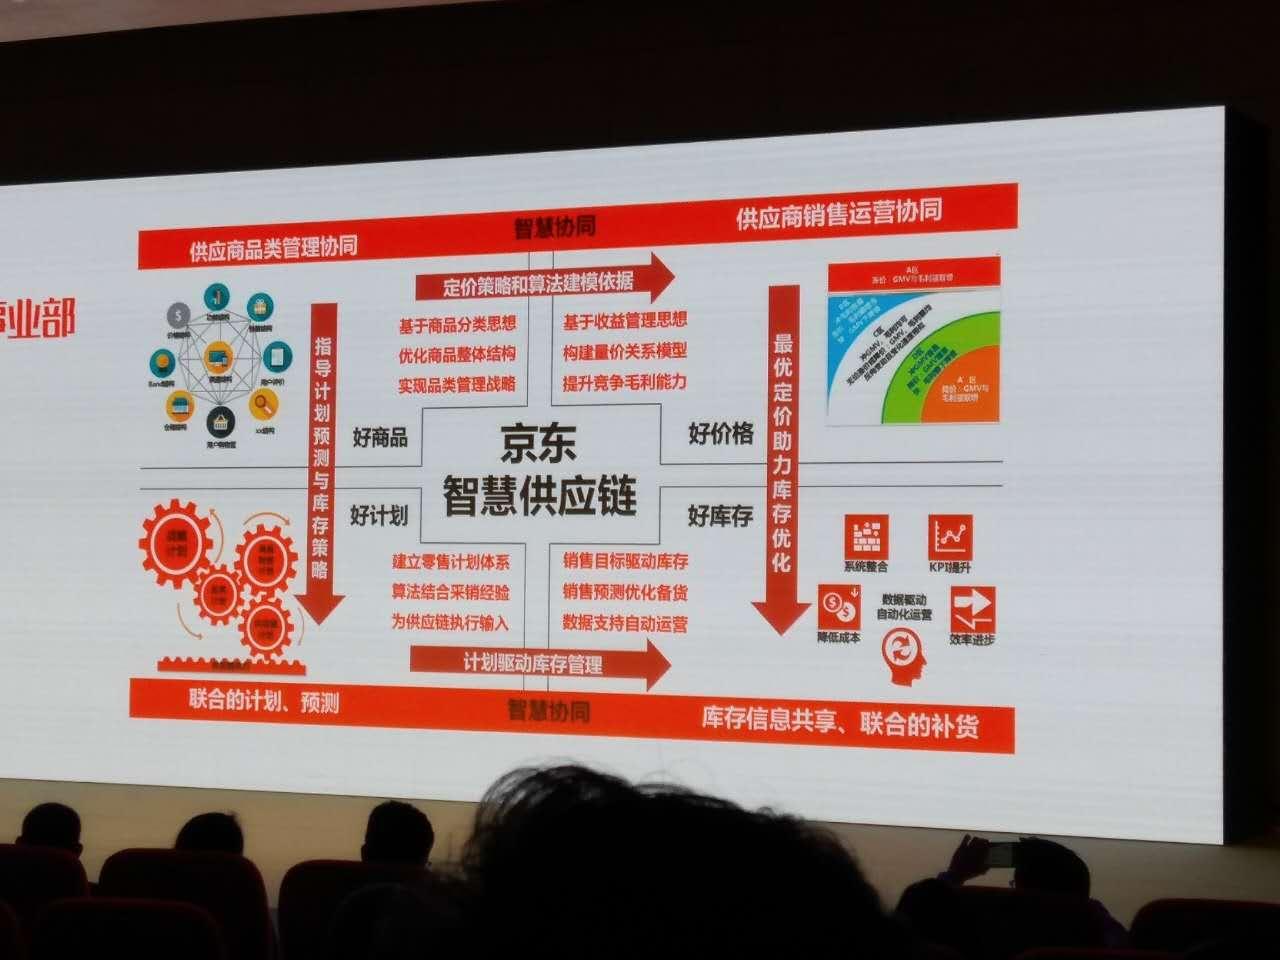 京东智慧供应链战略发布:80%商品定价靠人工智能